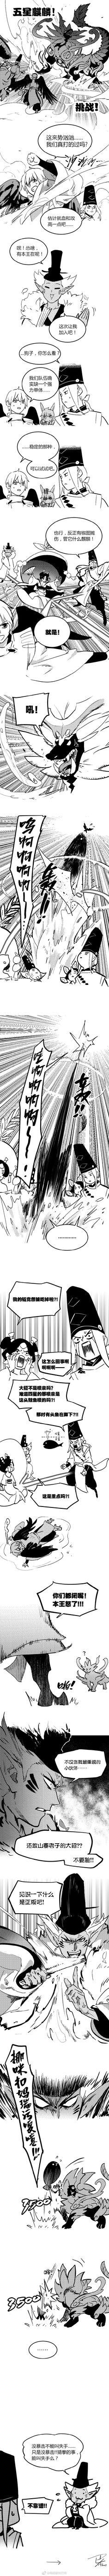 微调家刘巴布的微博_微博